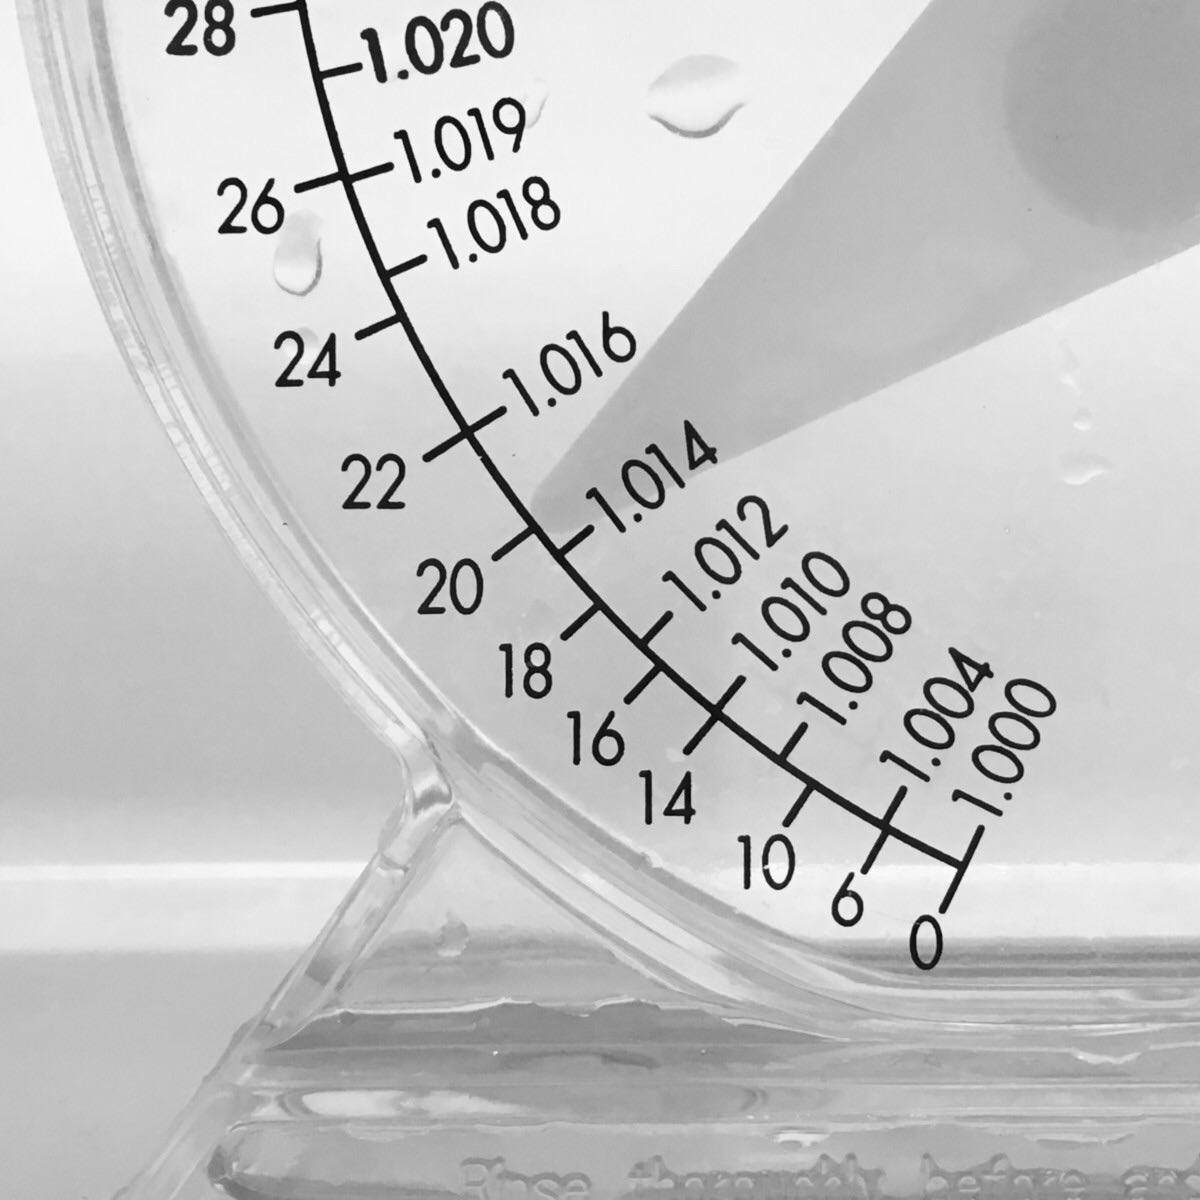 ミドリフグの飼育に適した塩分濃度